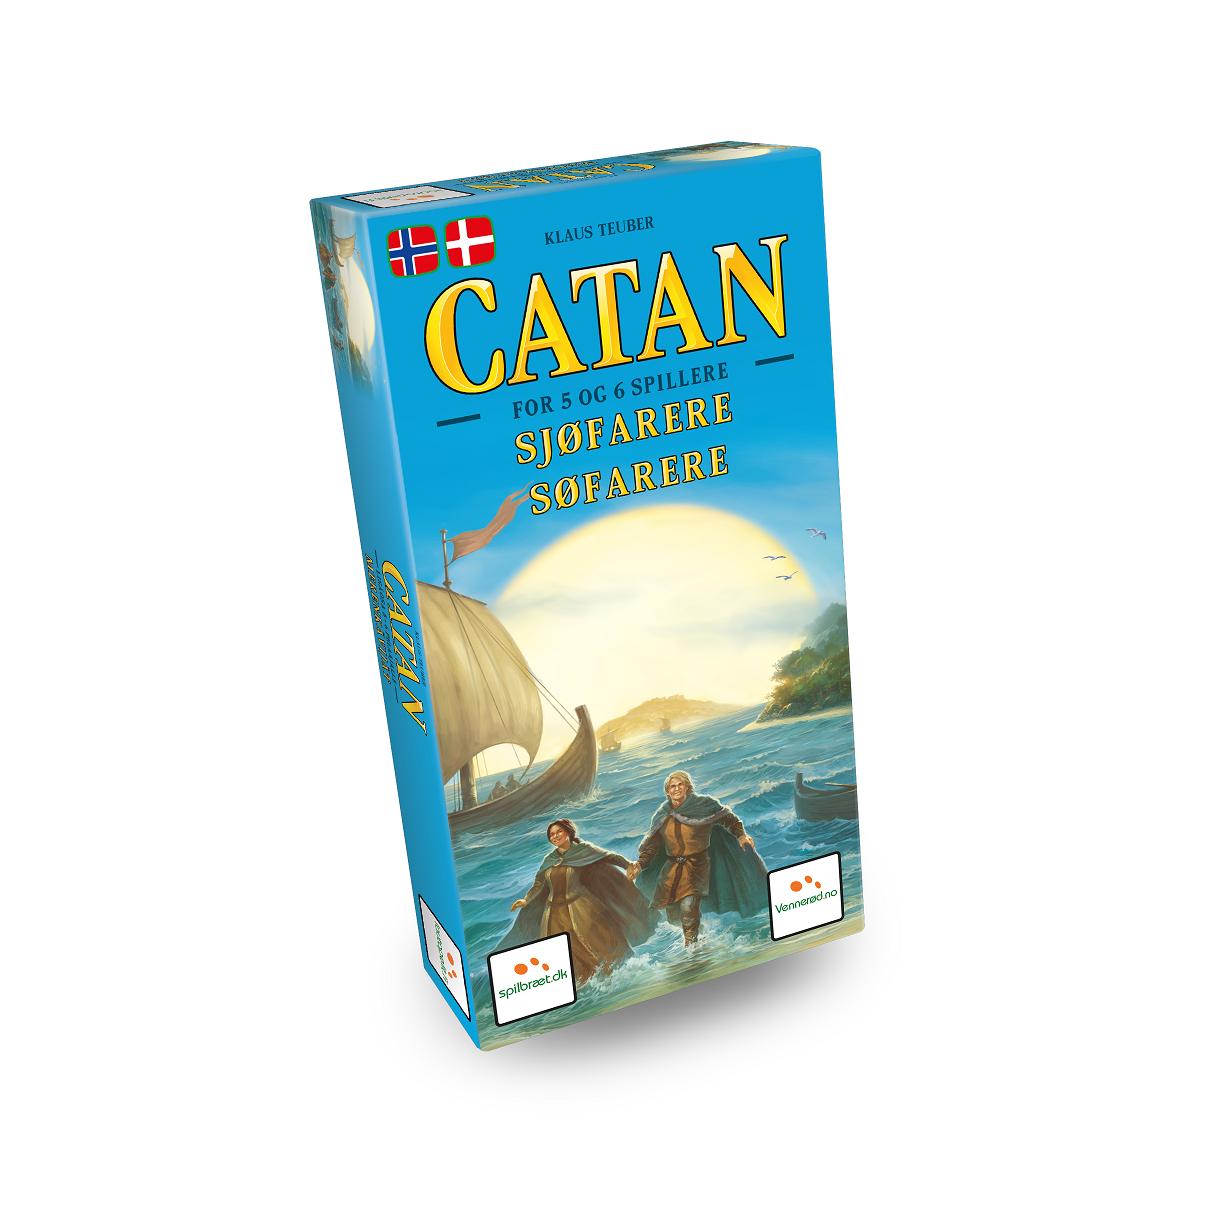 Settlers fra Catan 5-6 spiller udvidelse